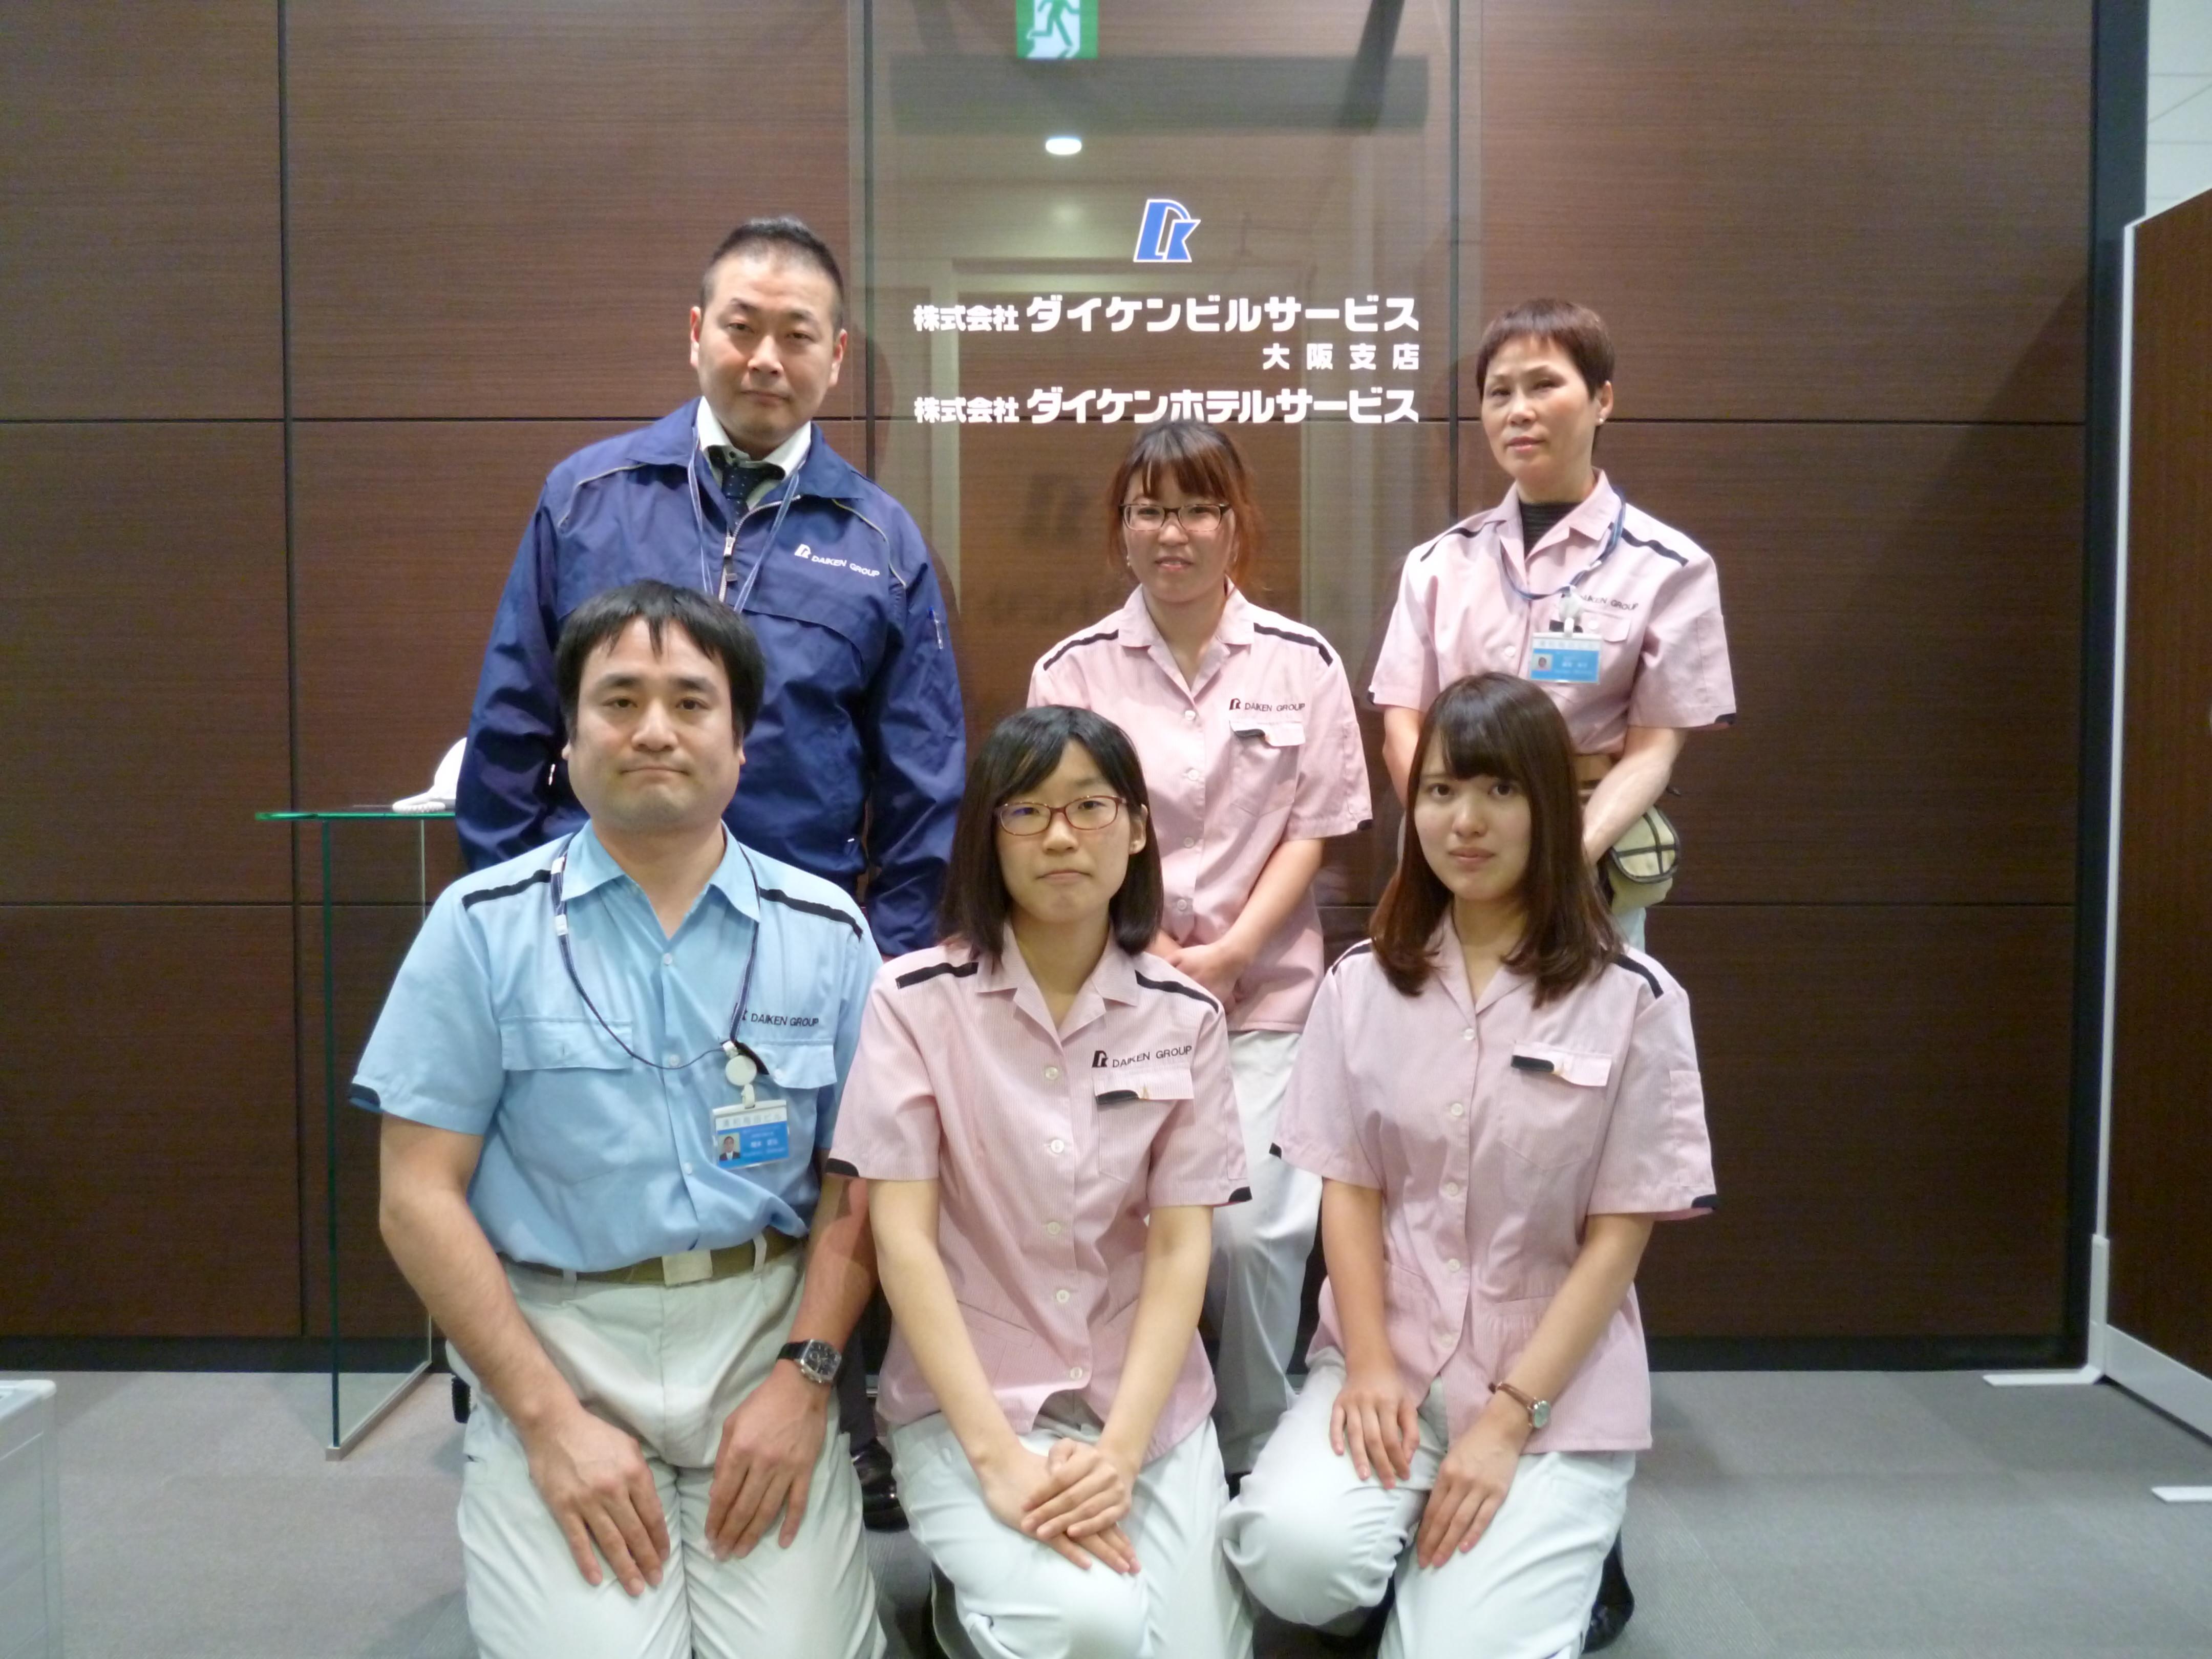 清掃スタッフ 茨木市内病院 株式会社ダイケンビルサービス のアルバイト情報